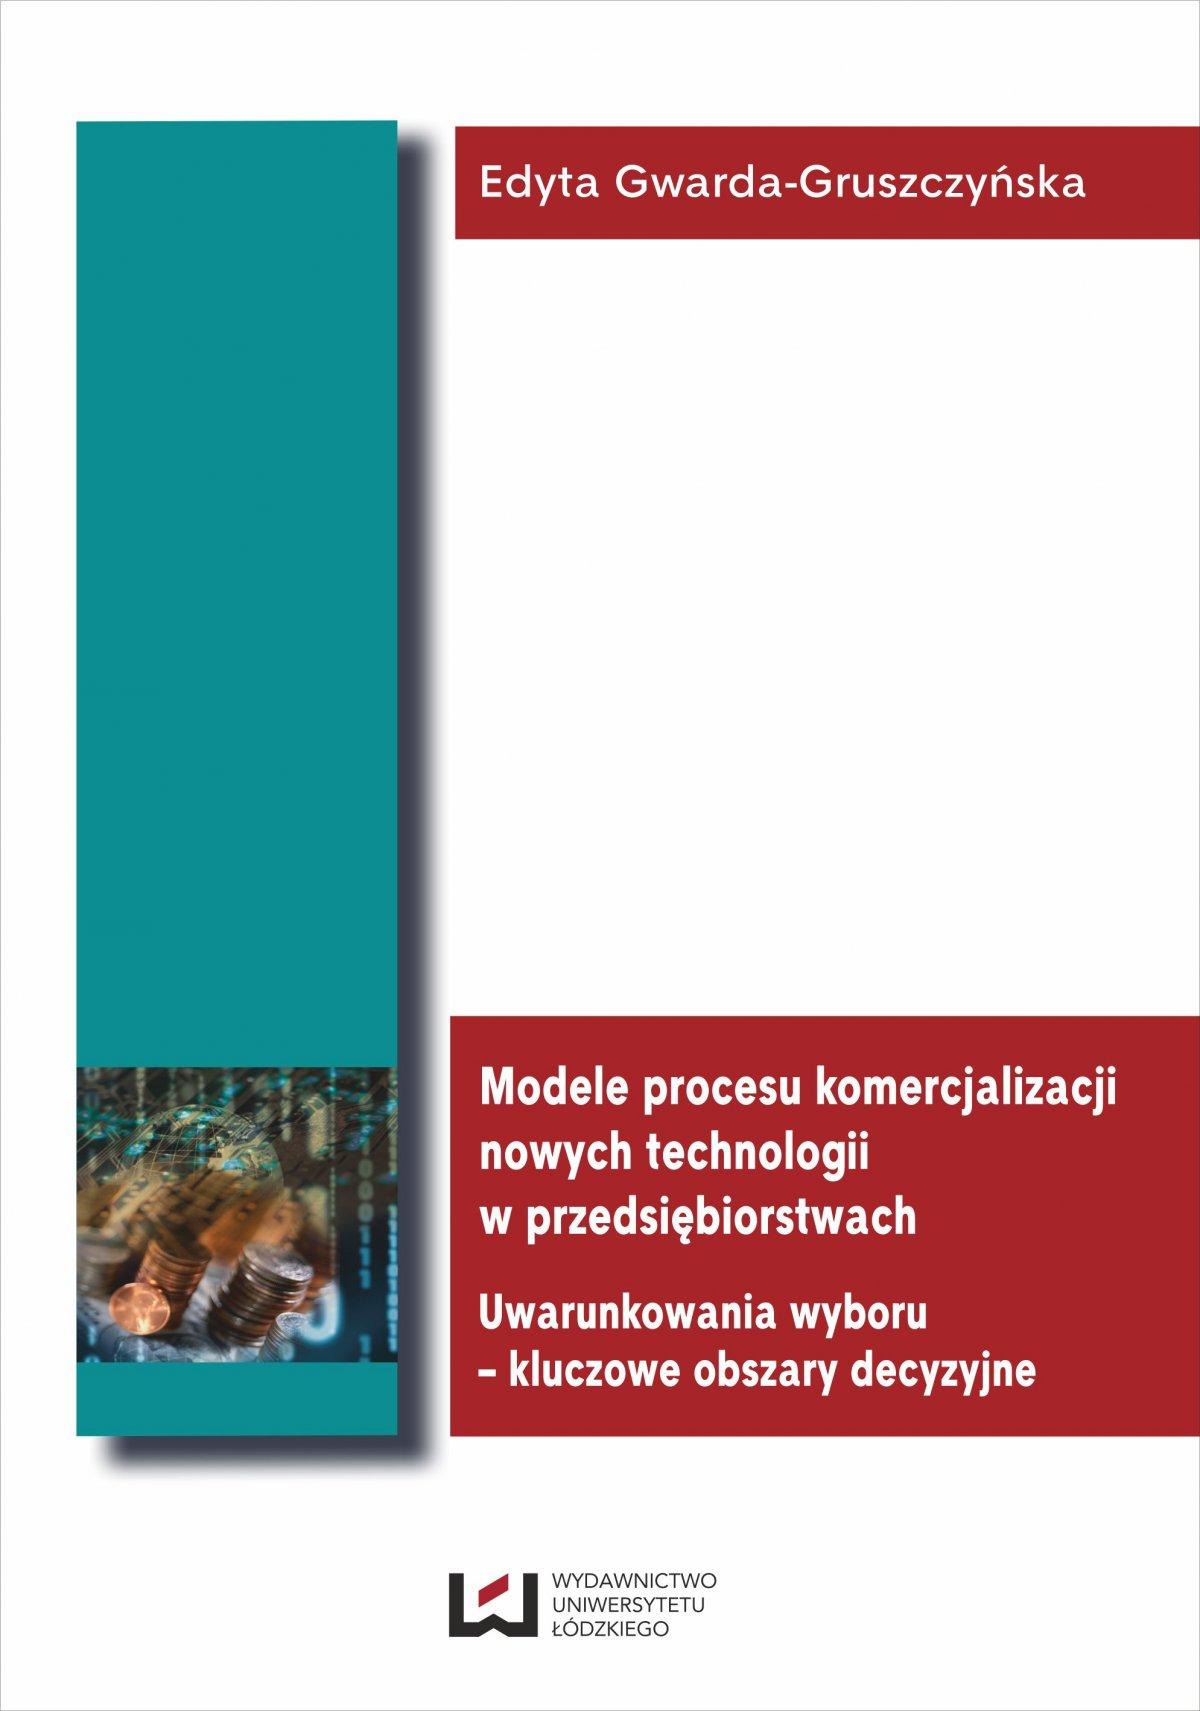 Modele procesu komercjalizacji nowych technologii w przedsiębiorstwach. Uwarunkowania wyboru – kluczowe obszary decyzyjne - Ebook (Książka PDF) do pobrania w formacie PDF